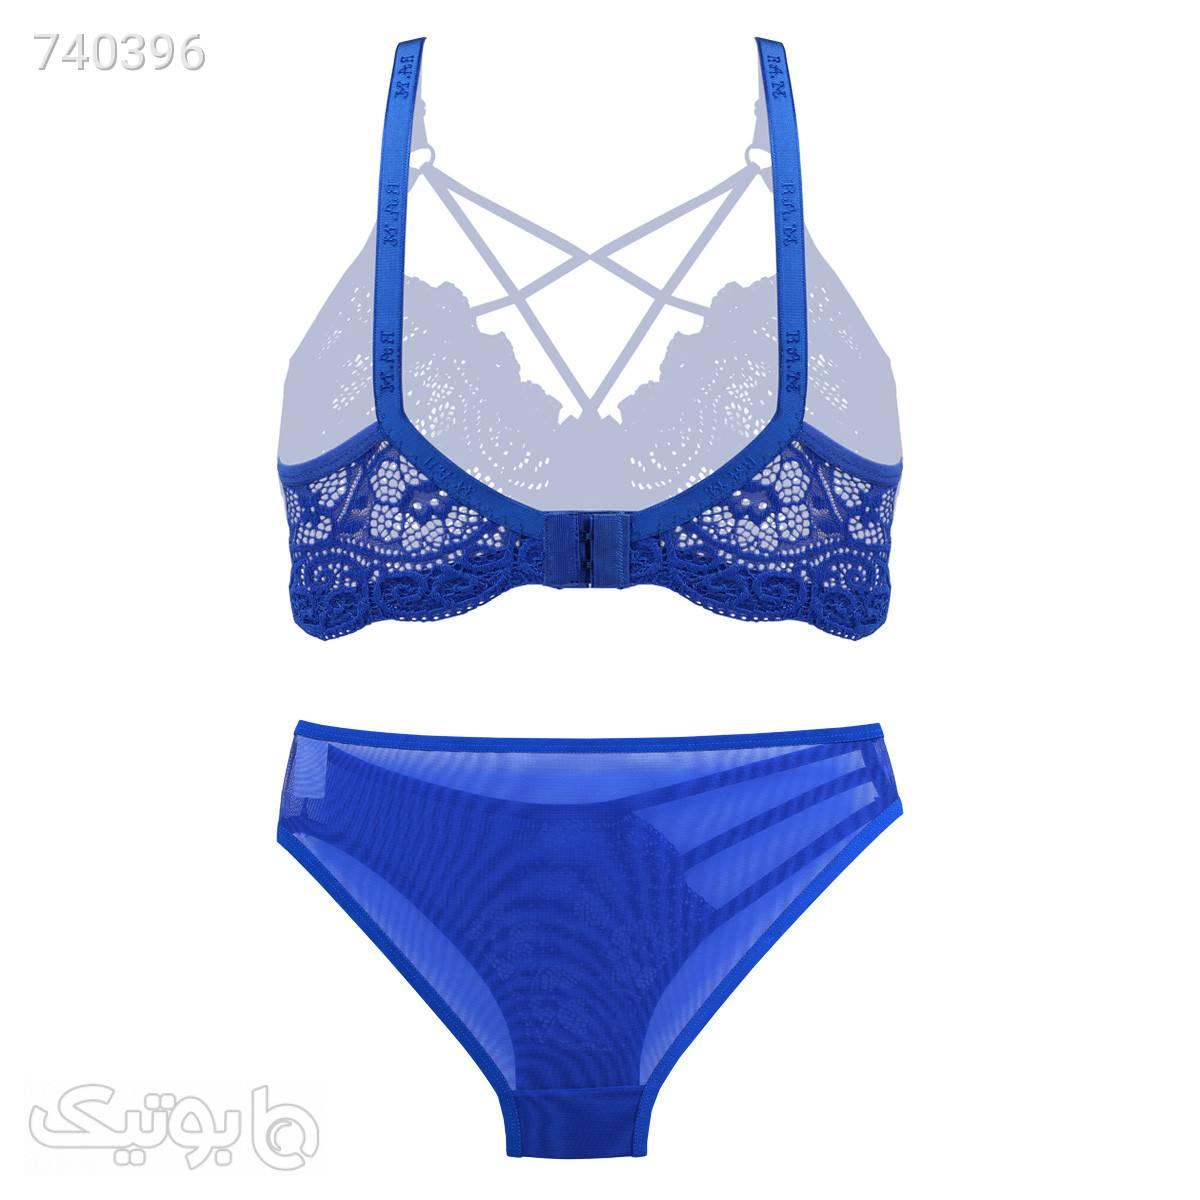 ست توری لاکچری کاربنی بند هارنسی برند B038;D کدs3718 آبی لباس زیر زنانه